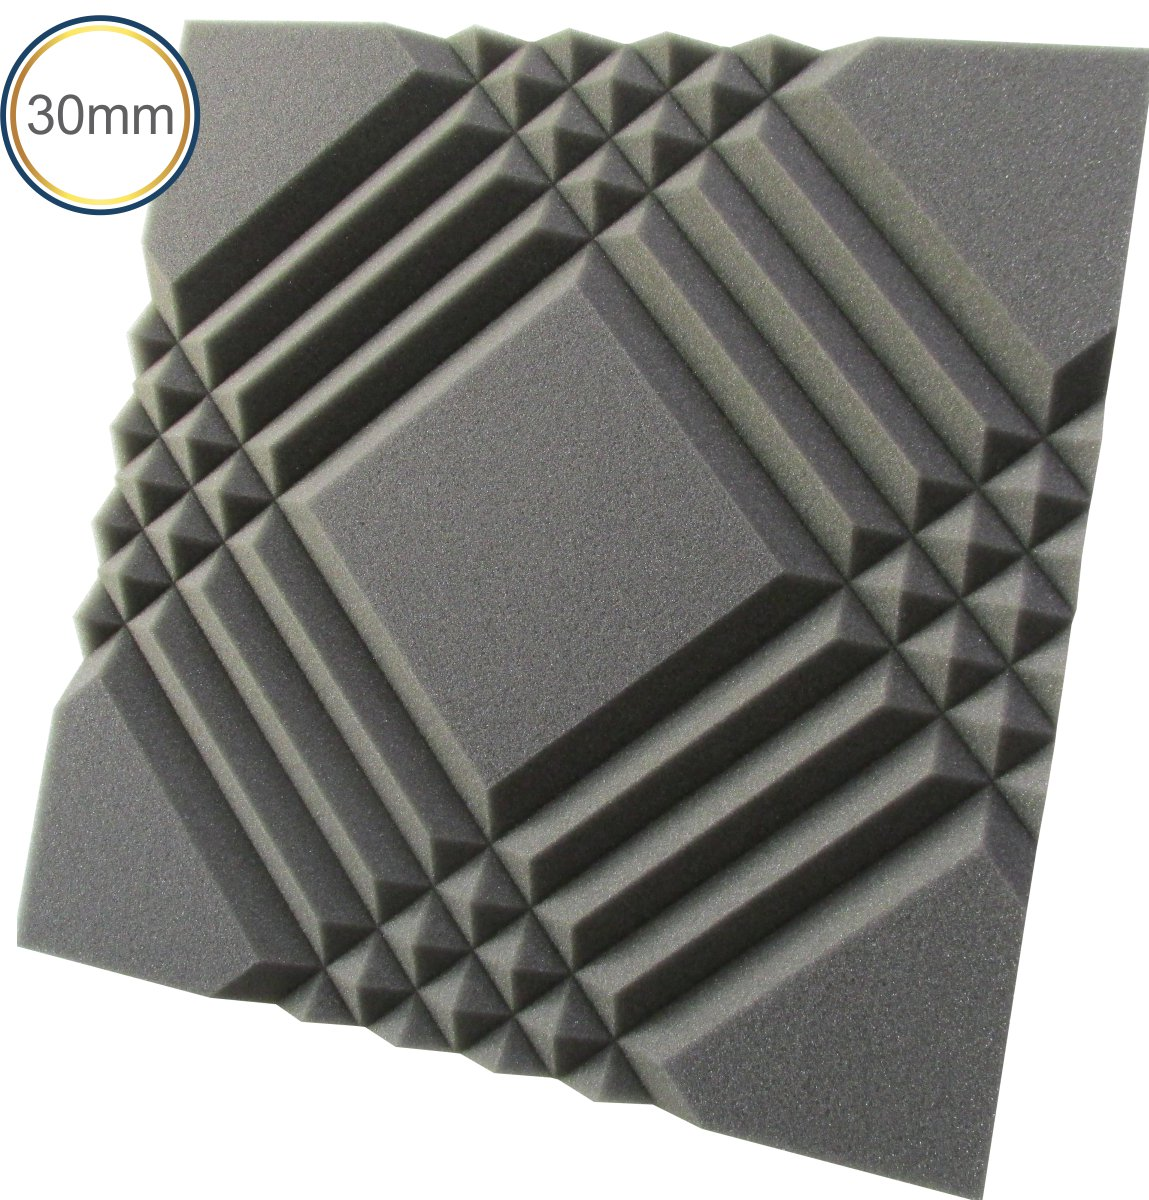 Espuma Acústica - REV Mosaico - 30mm Cinza - Kit 4 peças (1m²) 30mm  - Loja SPL Acústica